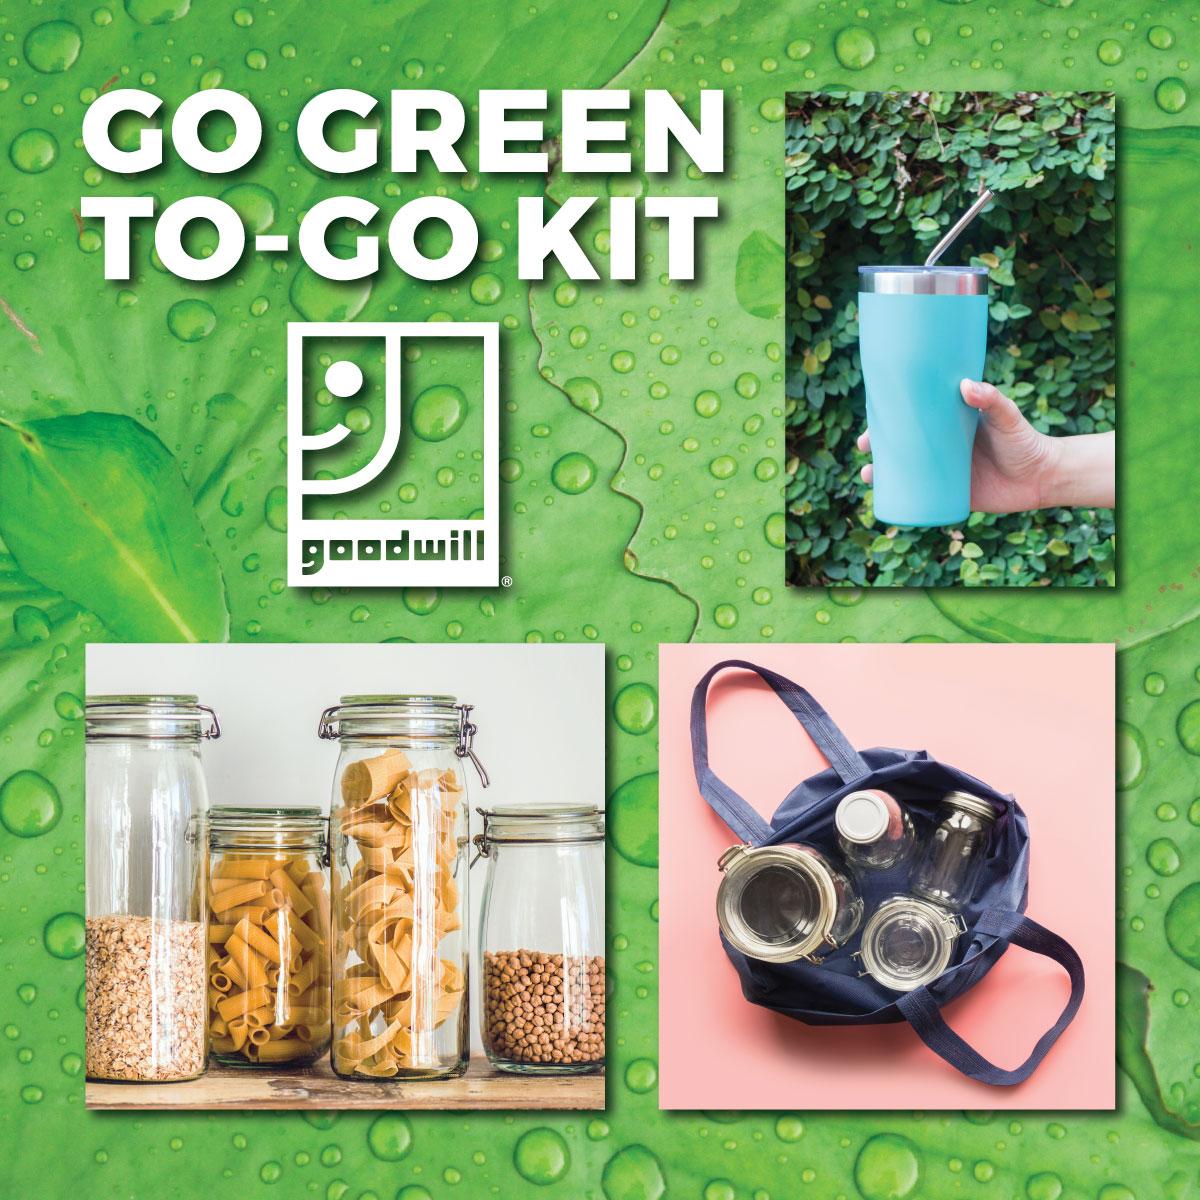 Go Green To-Go Kit